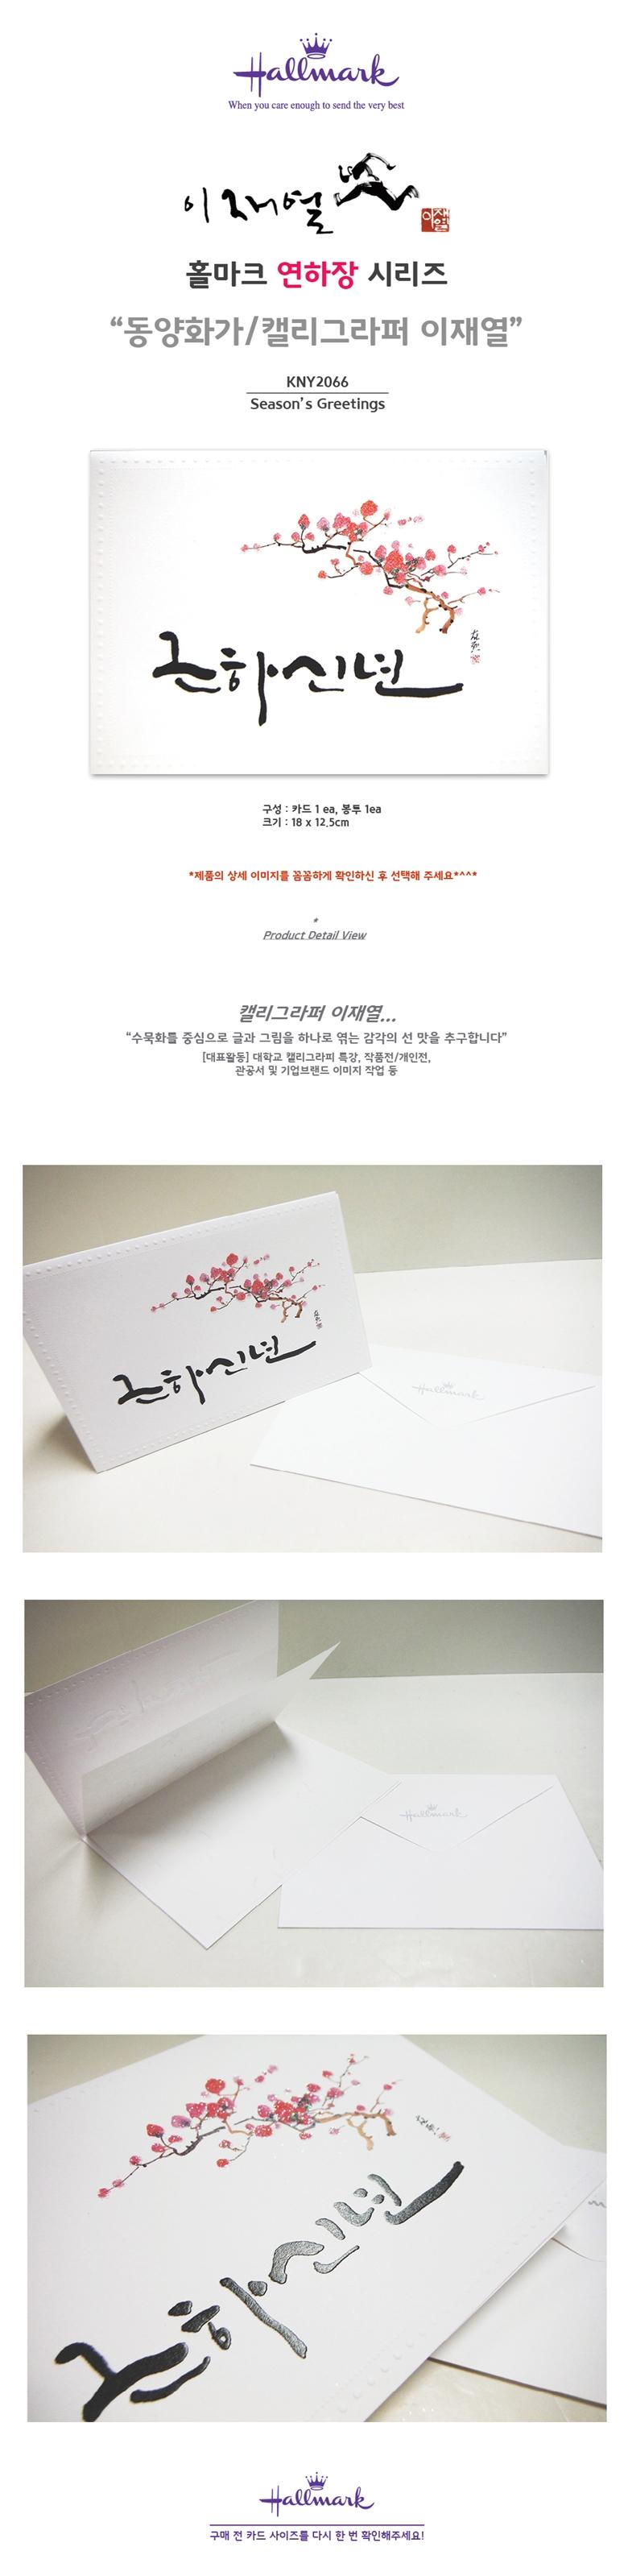 홀마크 동양화가 작가 연하장 시리즈-KNY2066 - 홀마크, 2,000원, 카드, 시즌/테마 카드